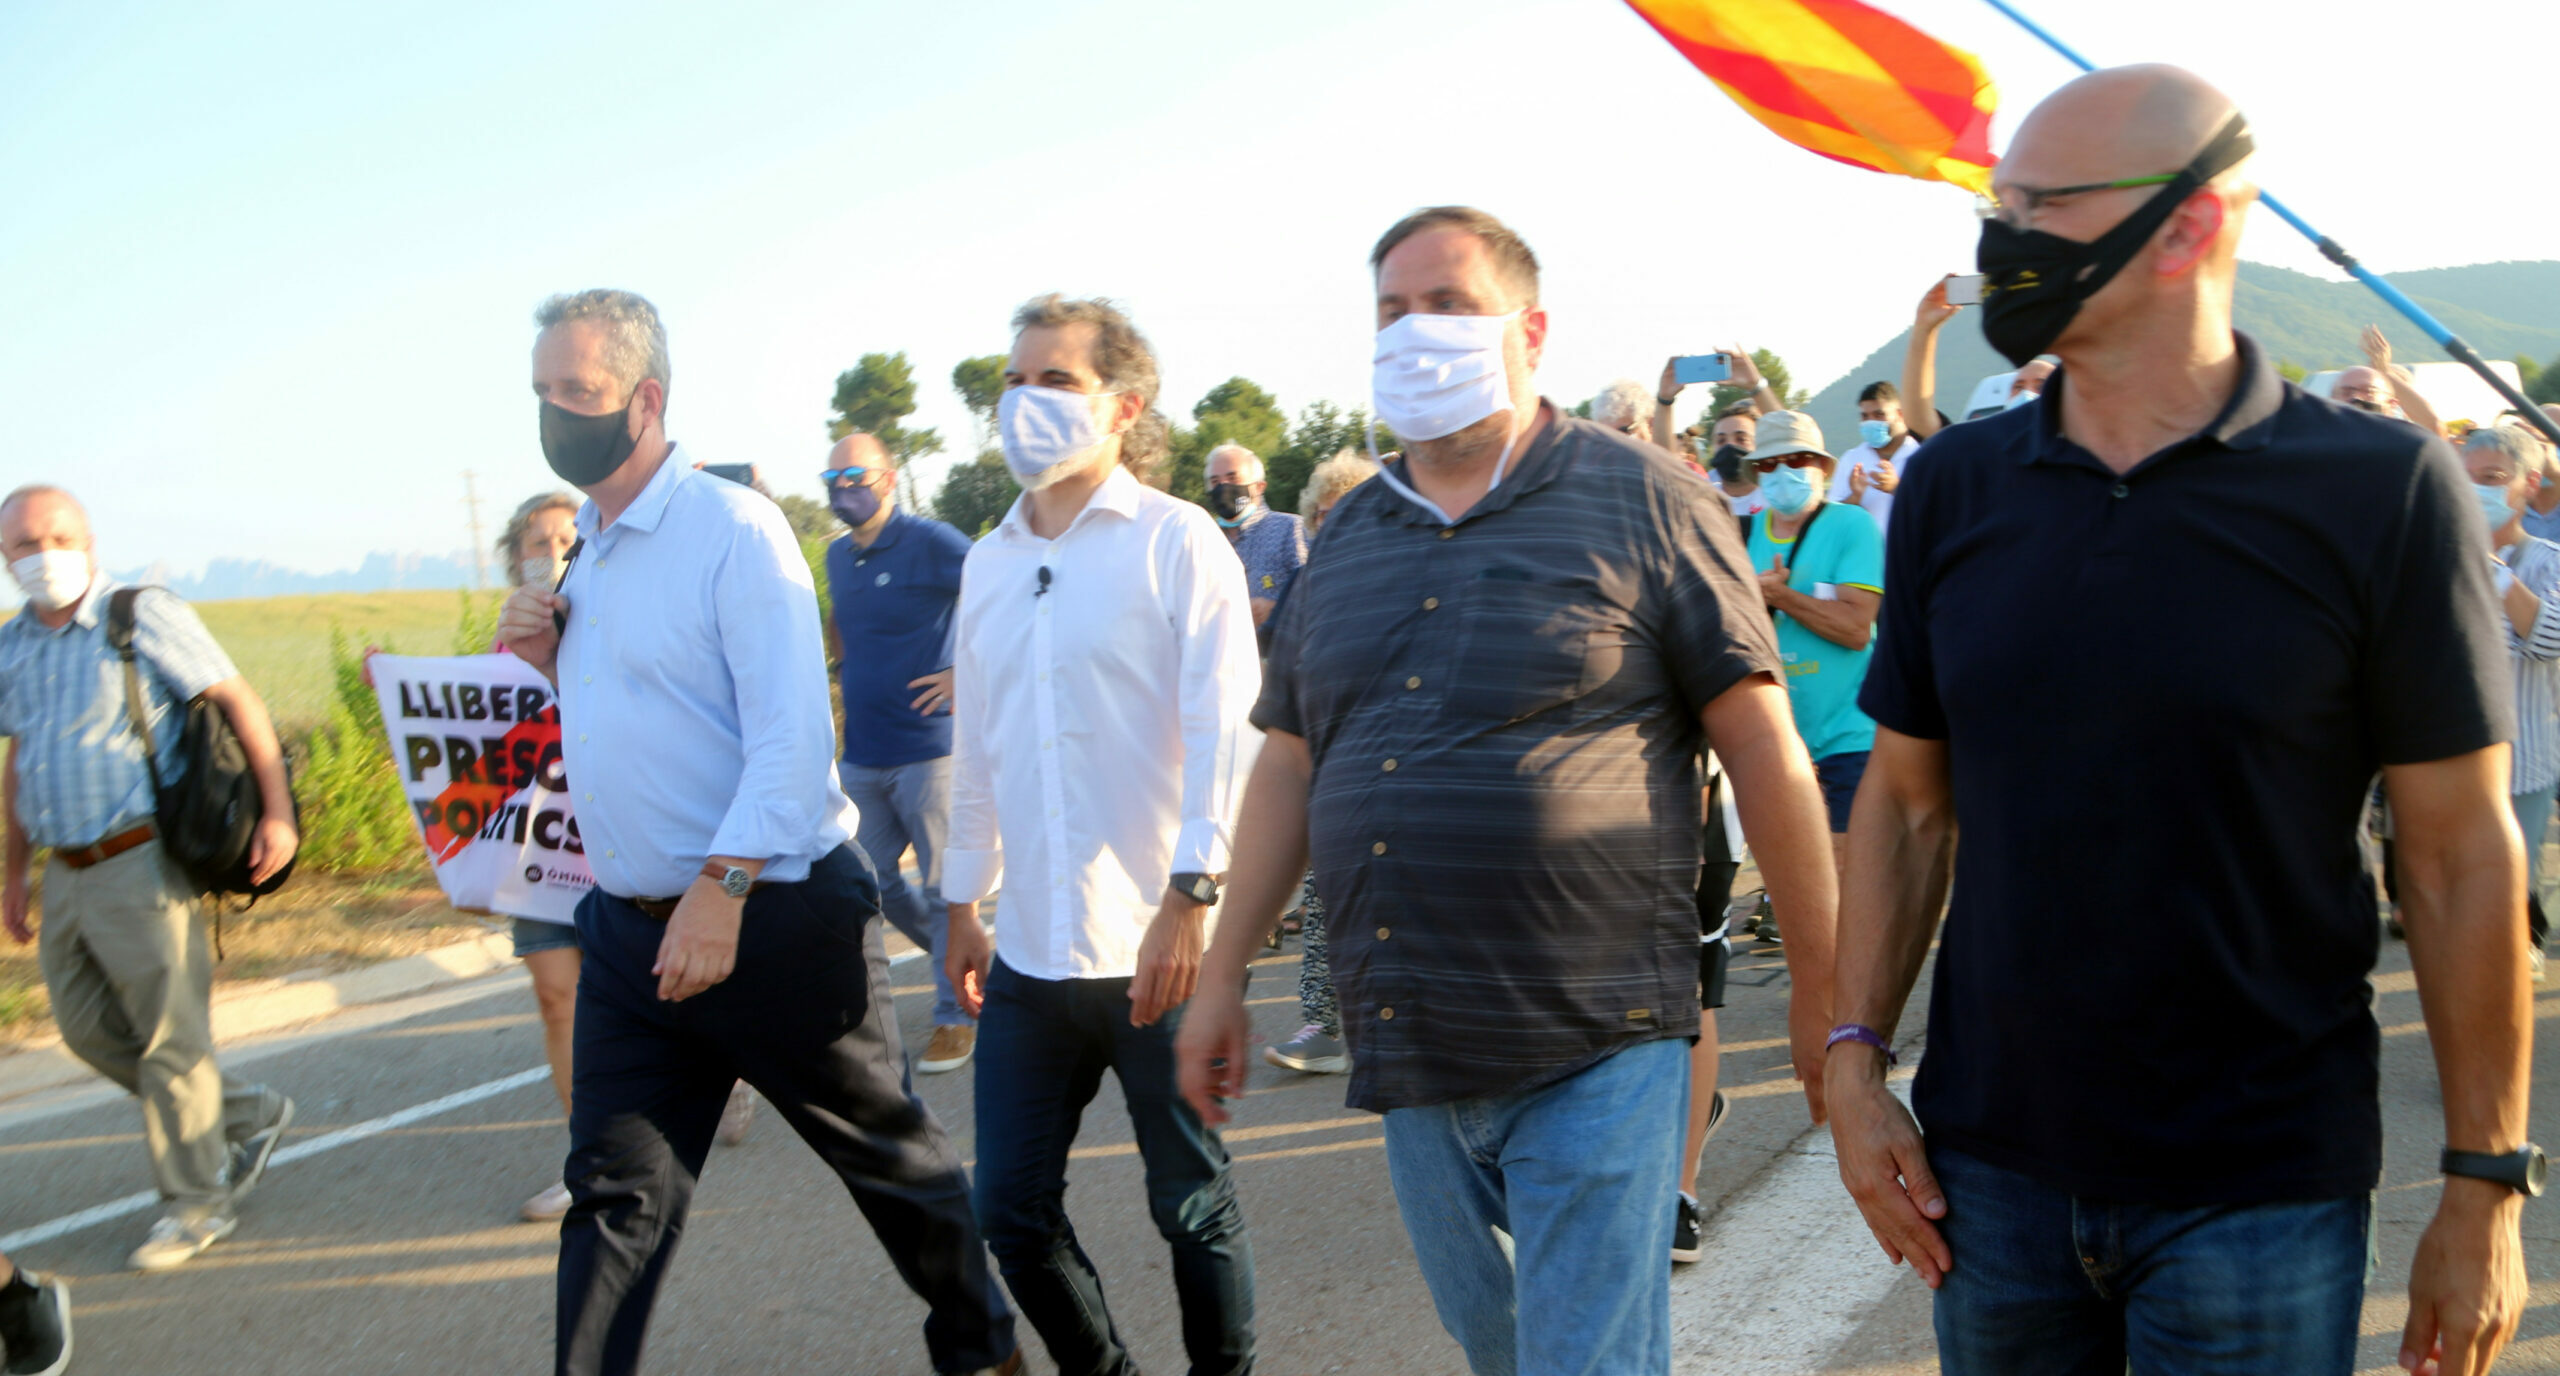 Els presos polítics abans d'entrar a Lledoners | ACN